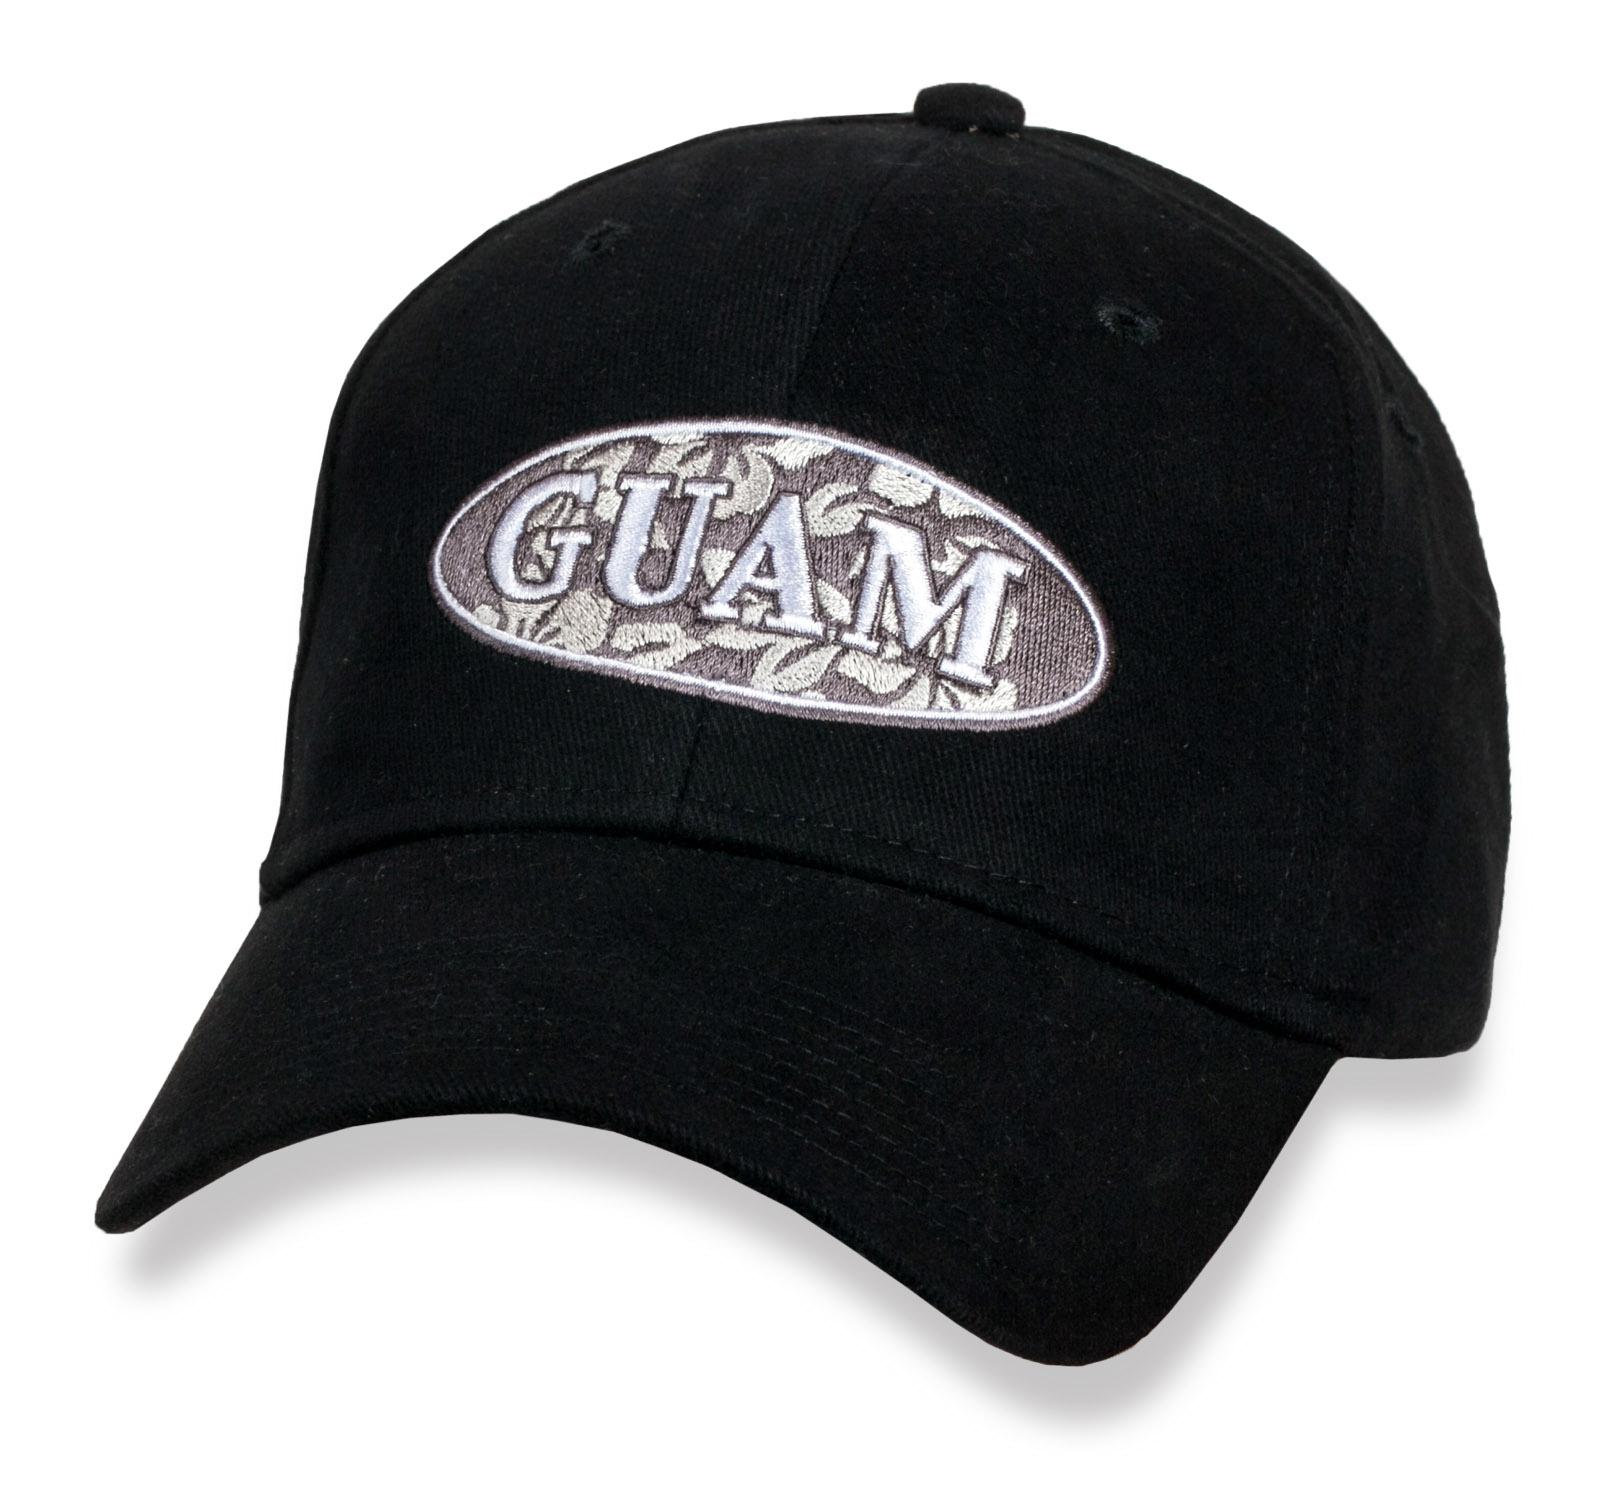 Черная кепка Guam.